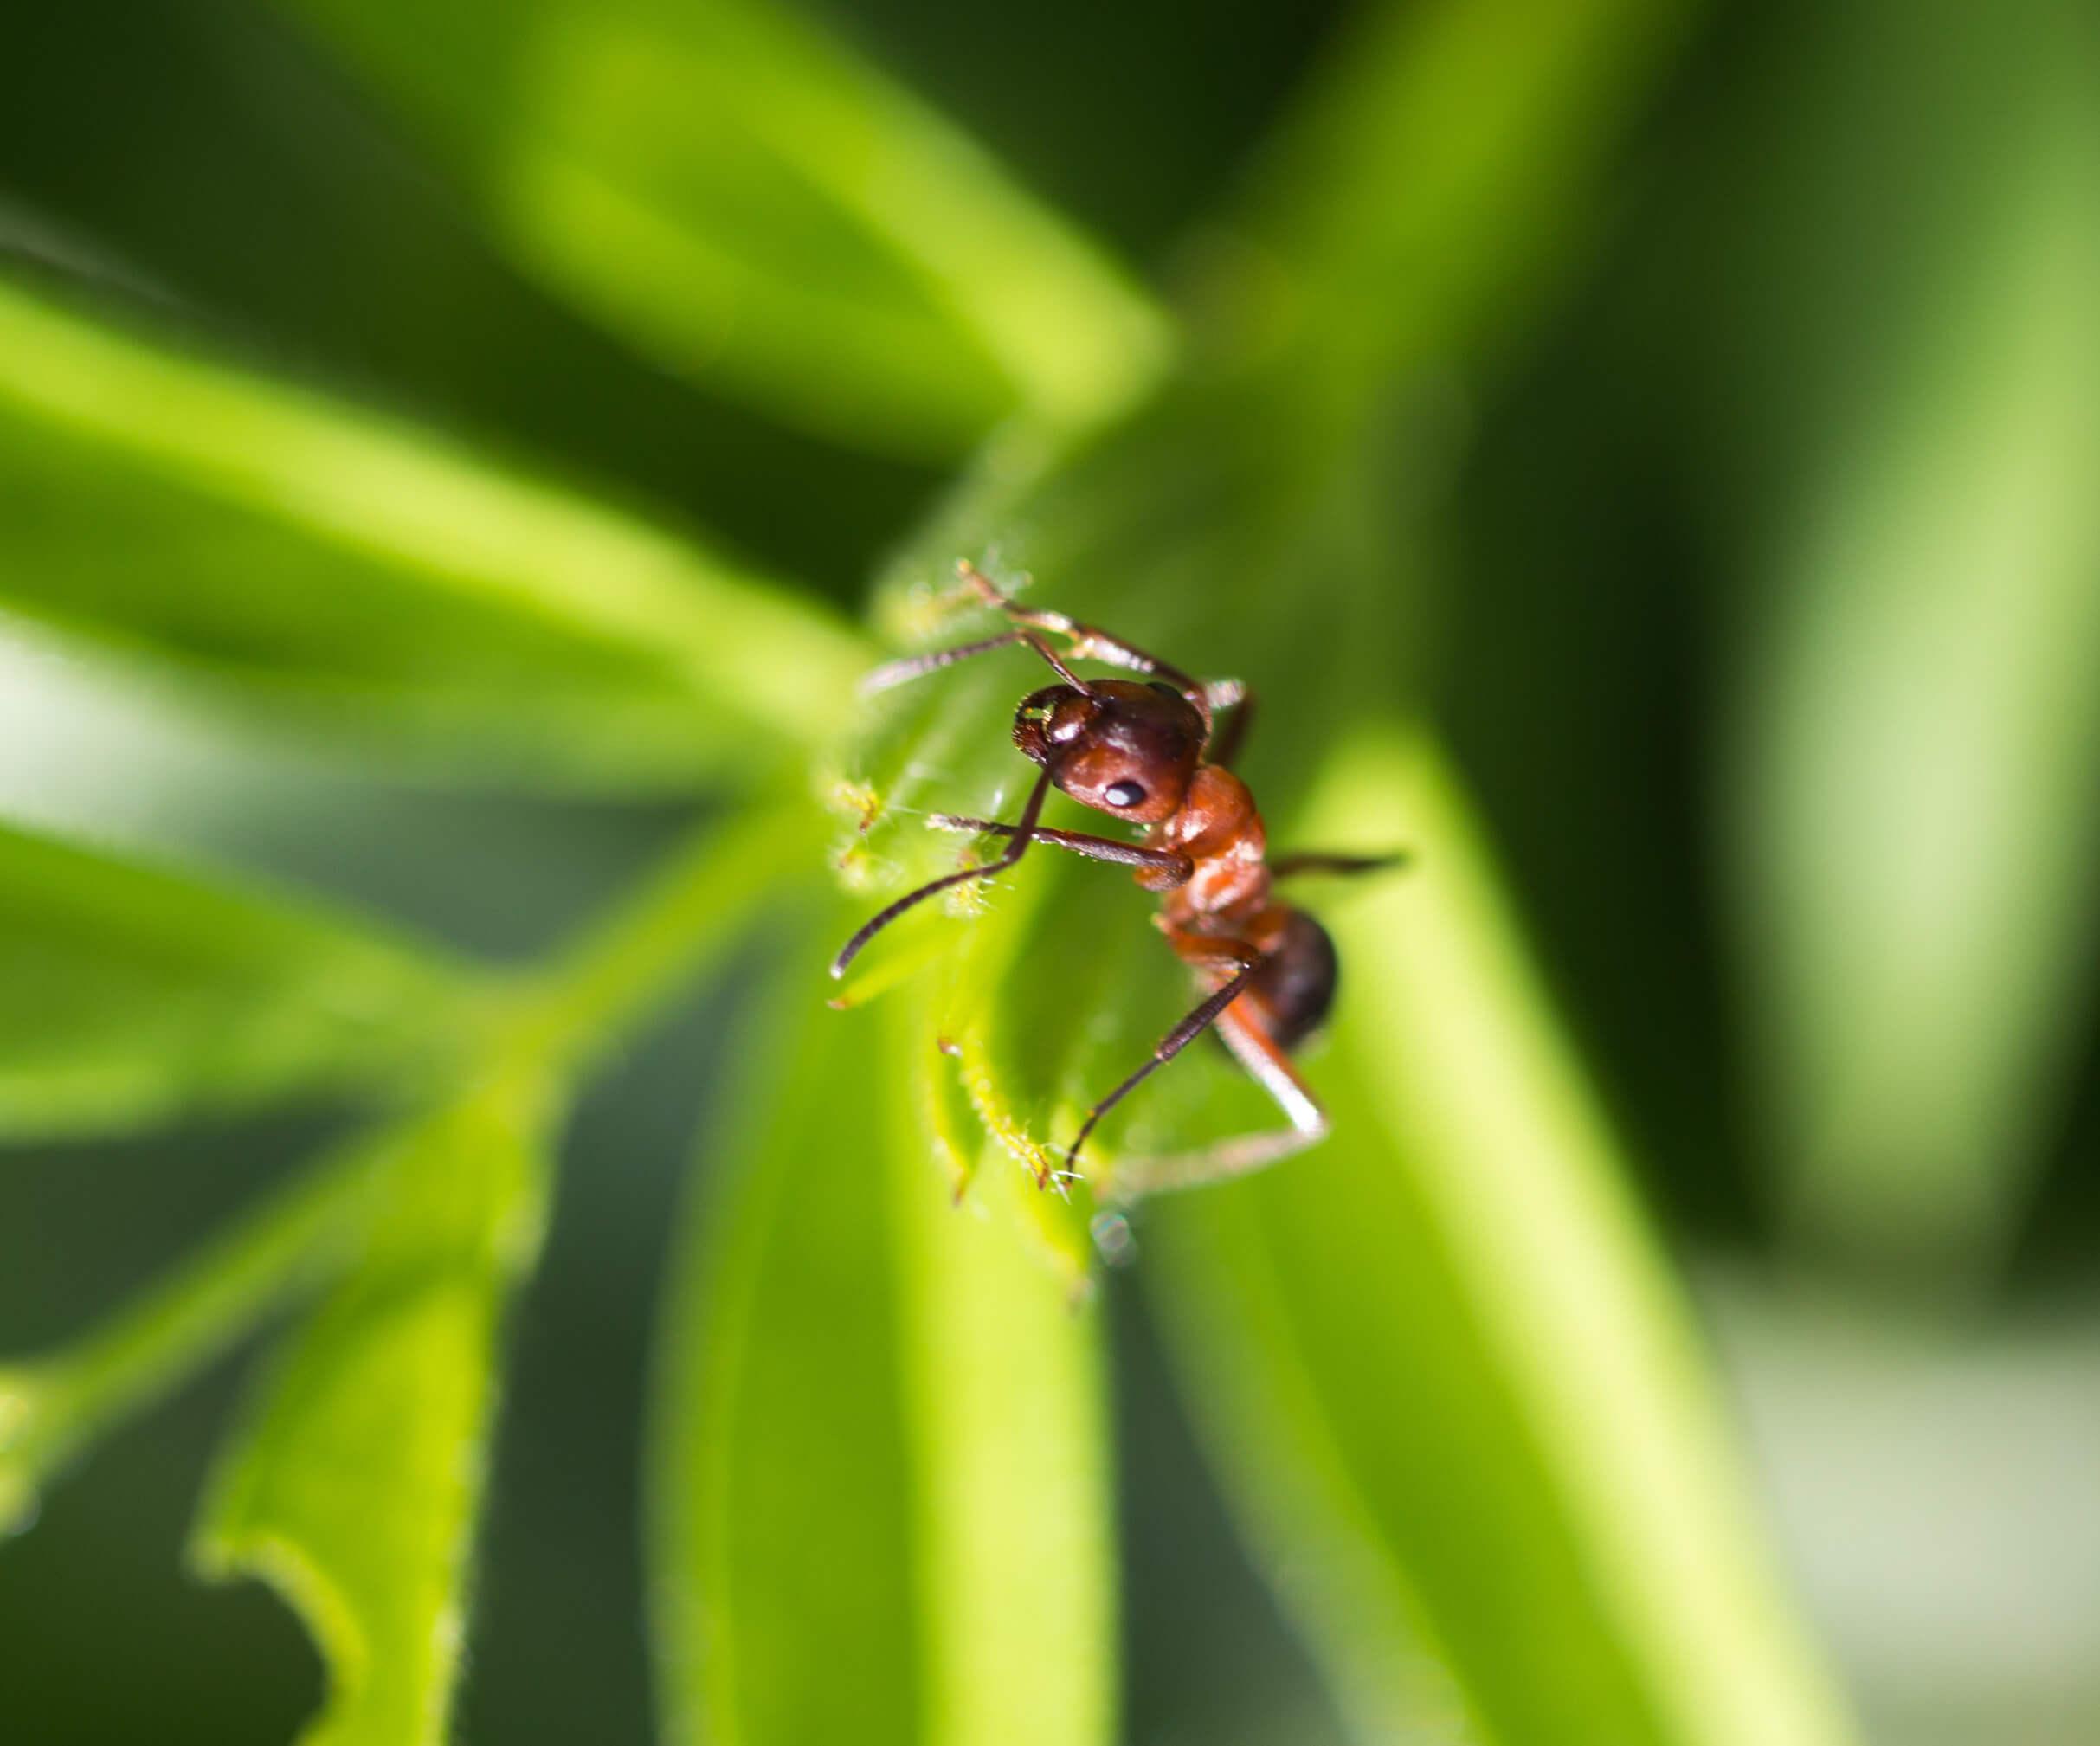 dark yellow ant on grass macro